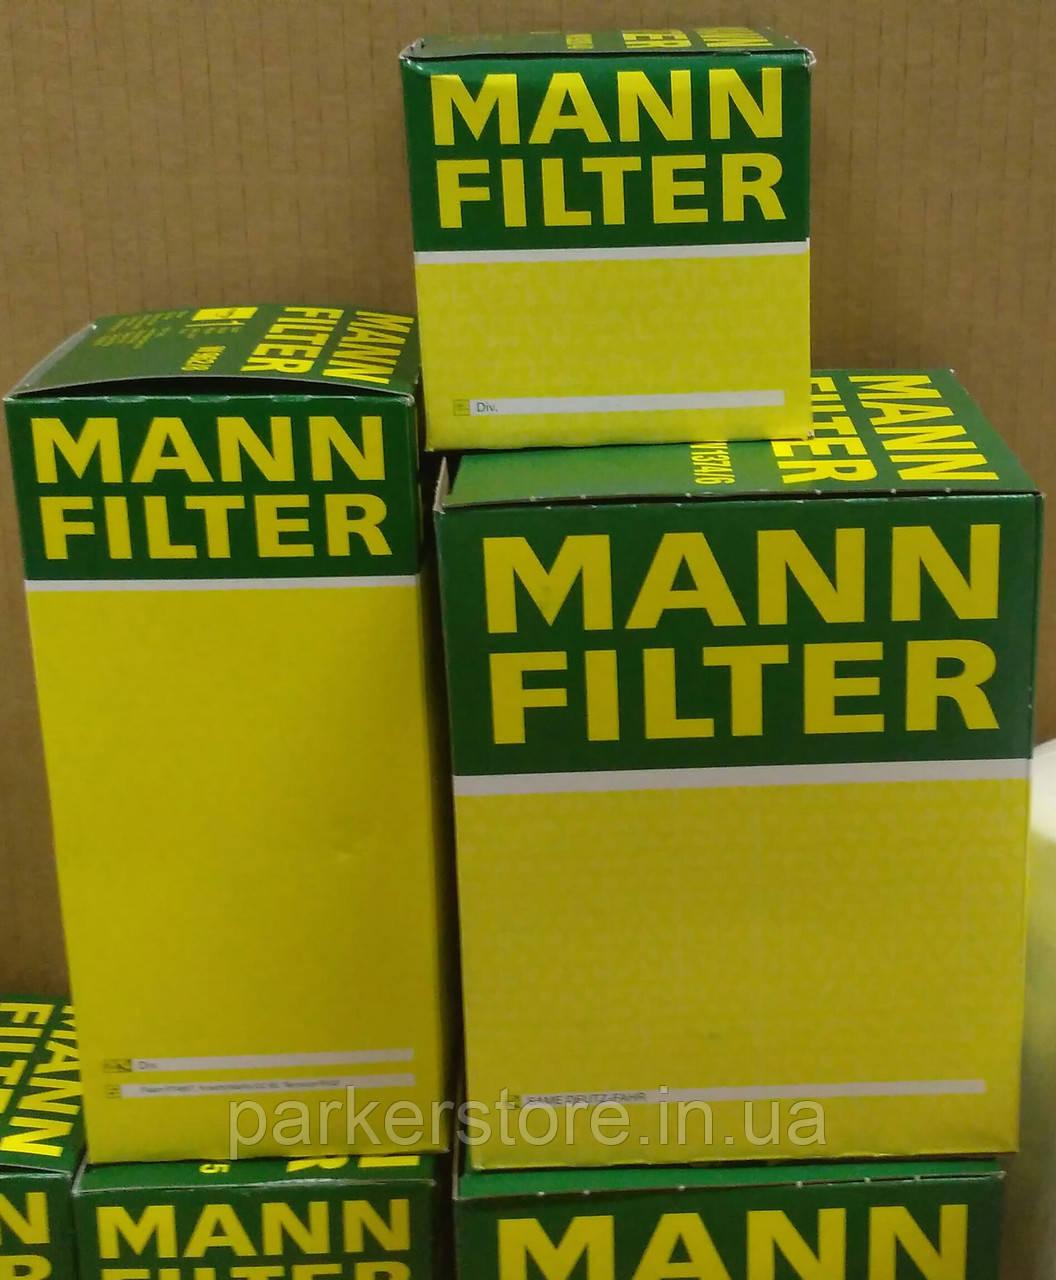 MANN FILTER / Повітряний фільтр / C 1112 / C1112